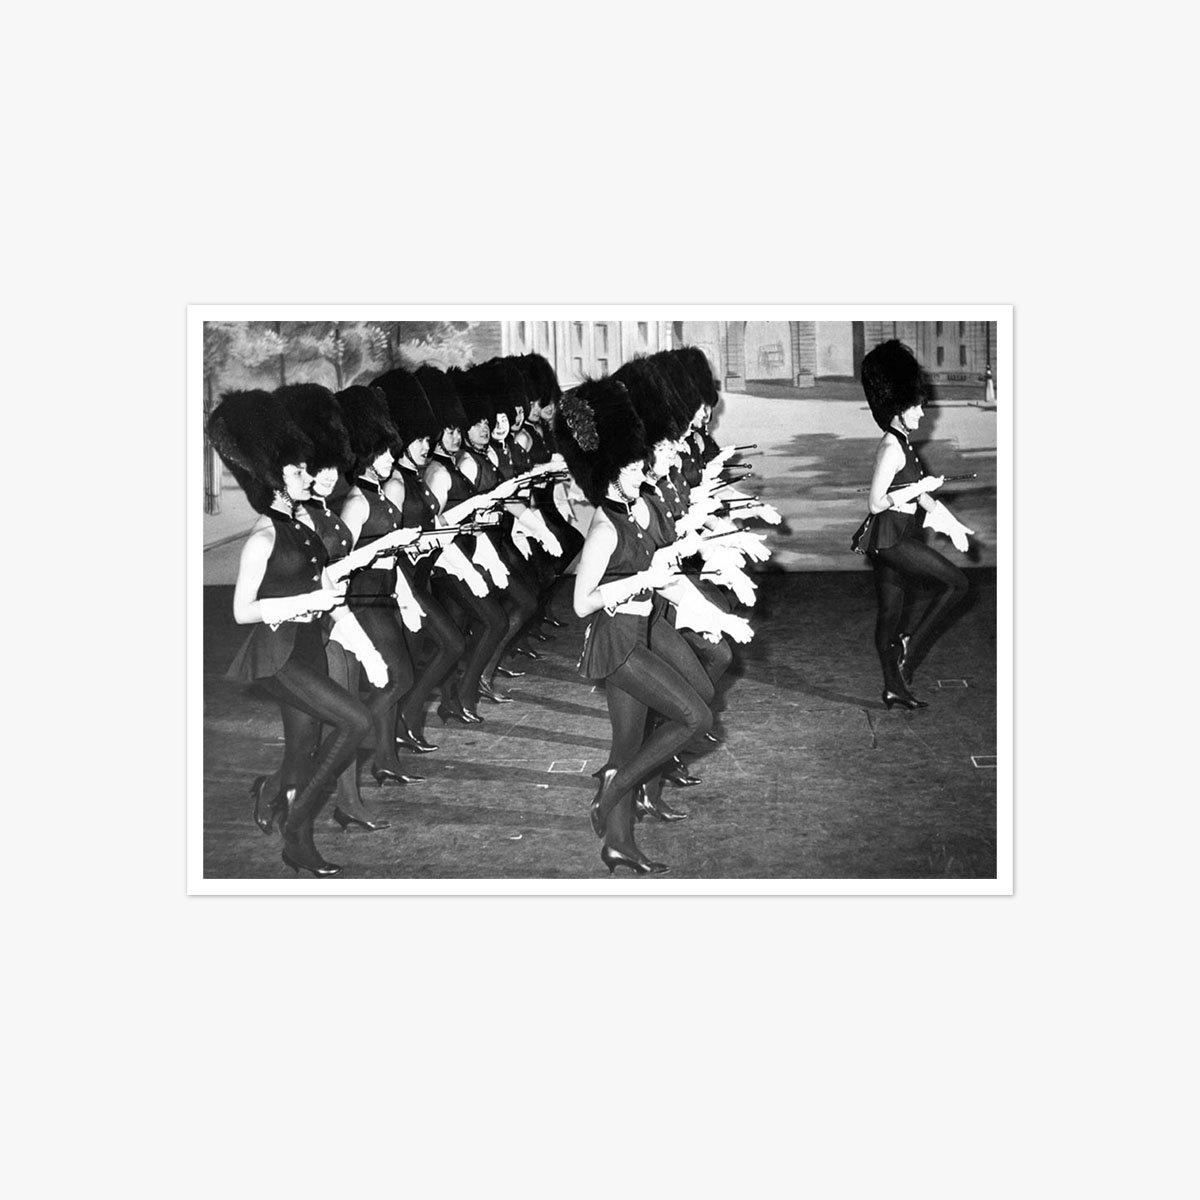 The Tiller Girls by Frank Rust